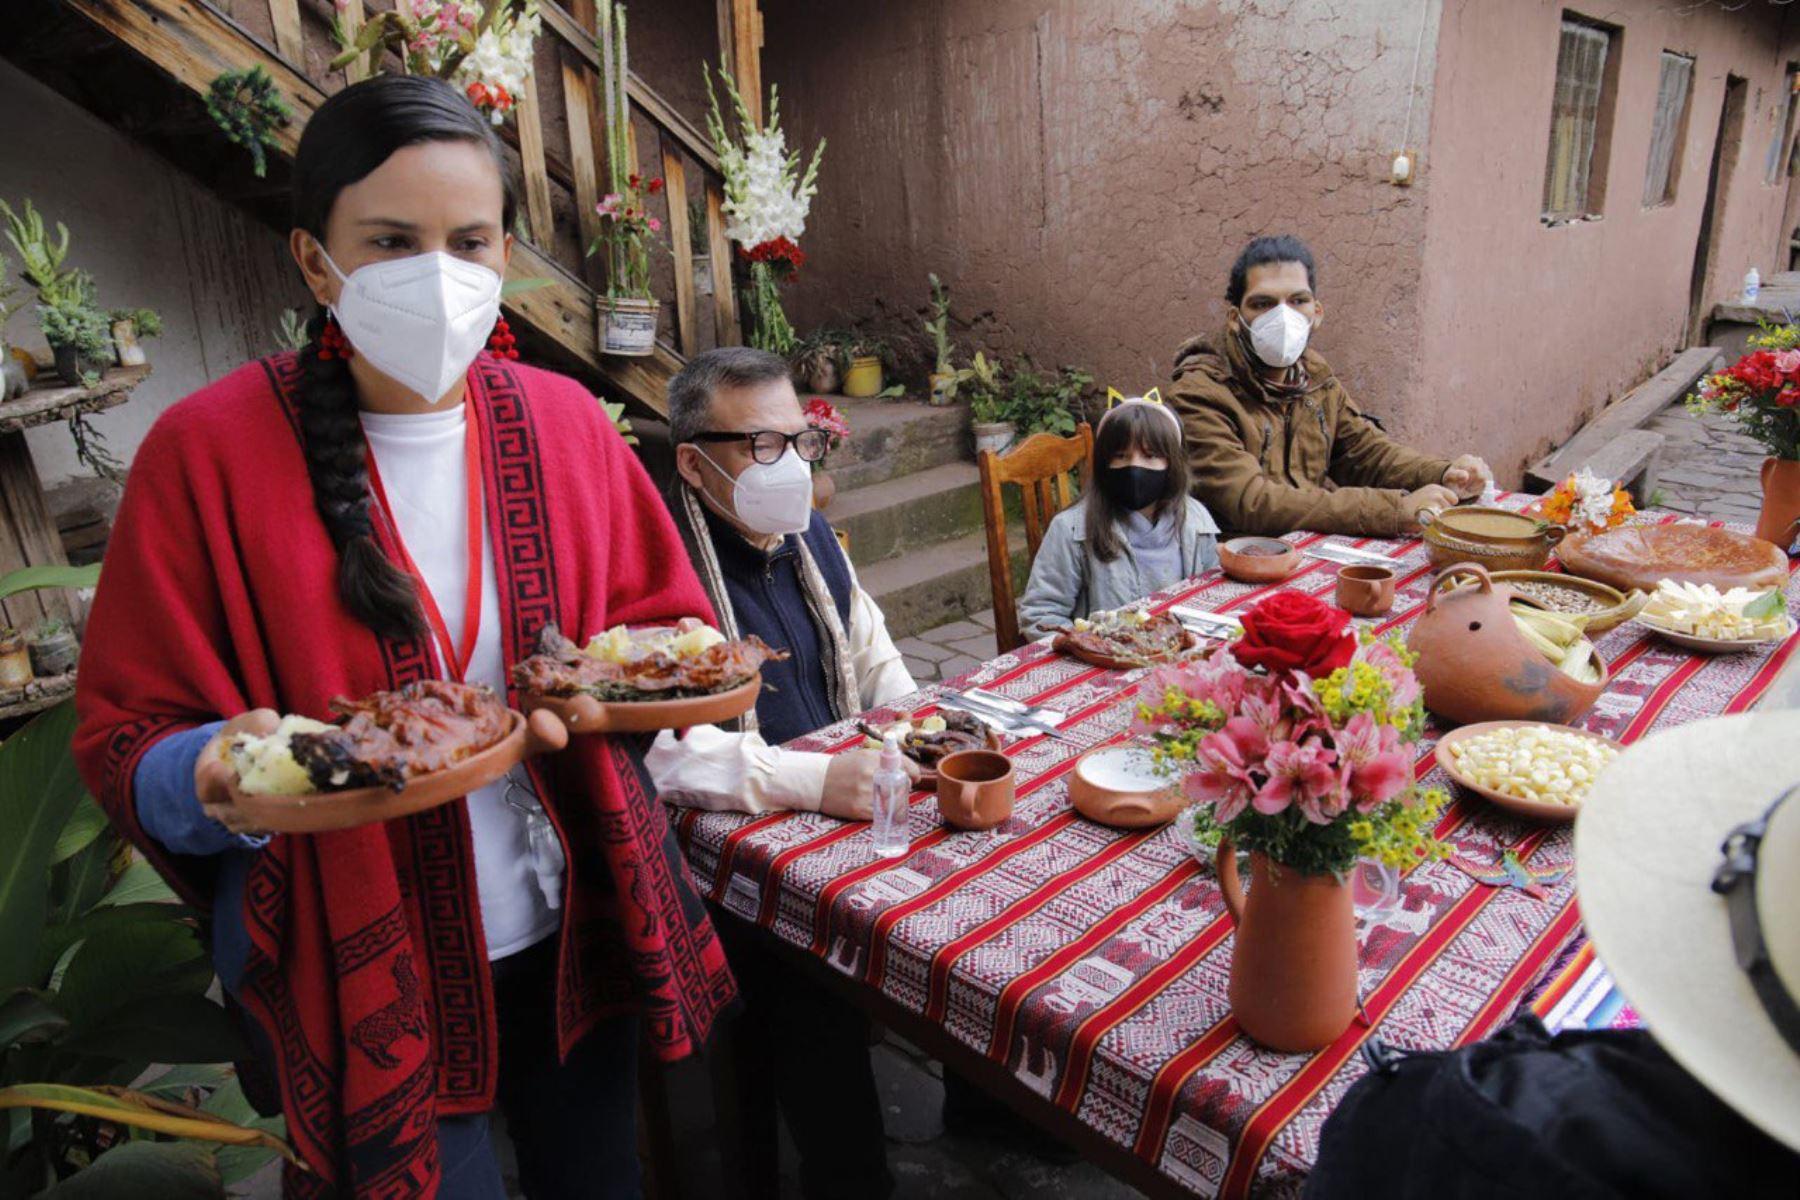 Desde Cusco, la candidata presidencial Verónika Mendoza hizo un llamado a votar a los peruanos y cumplir con protocolo de bioseguridad.